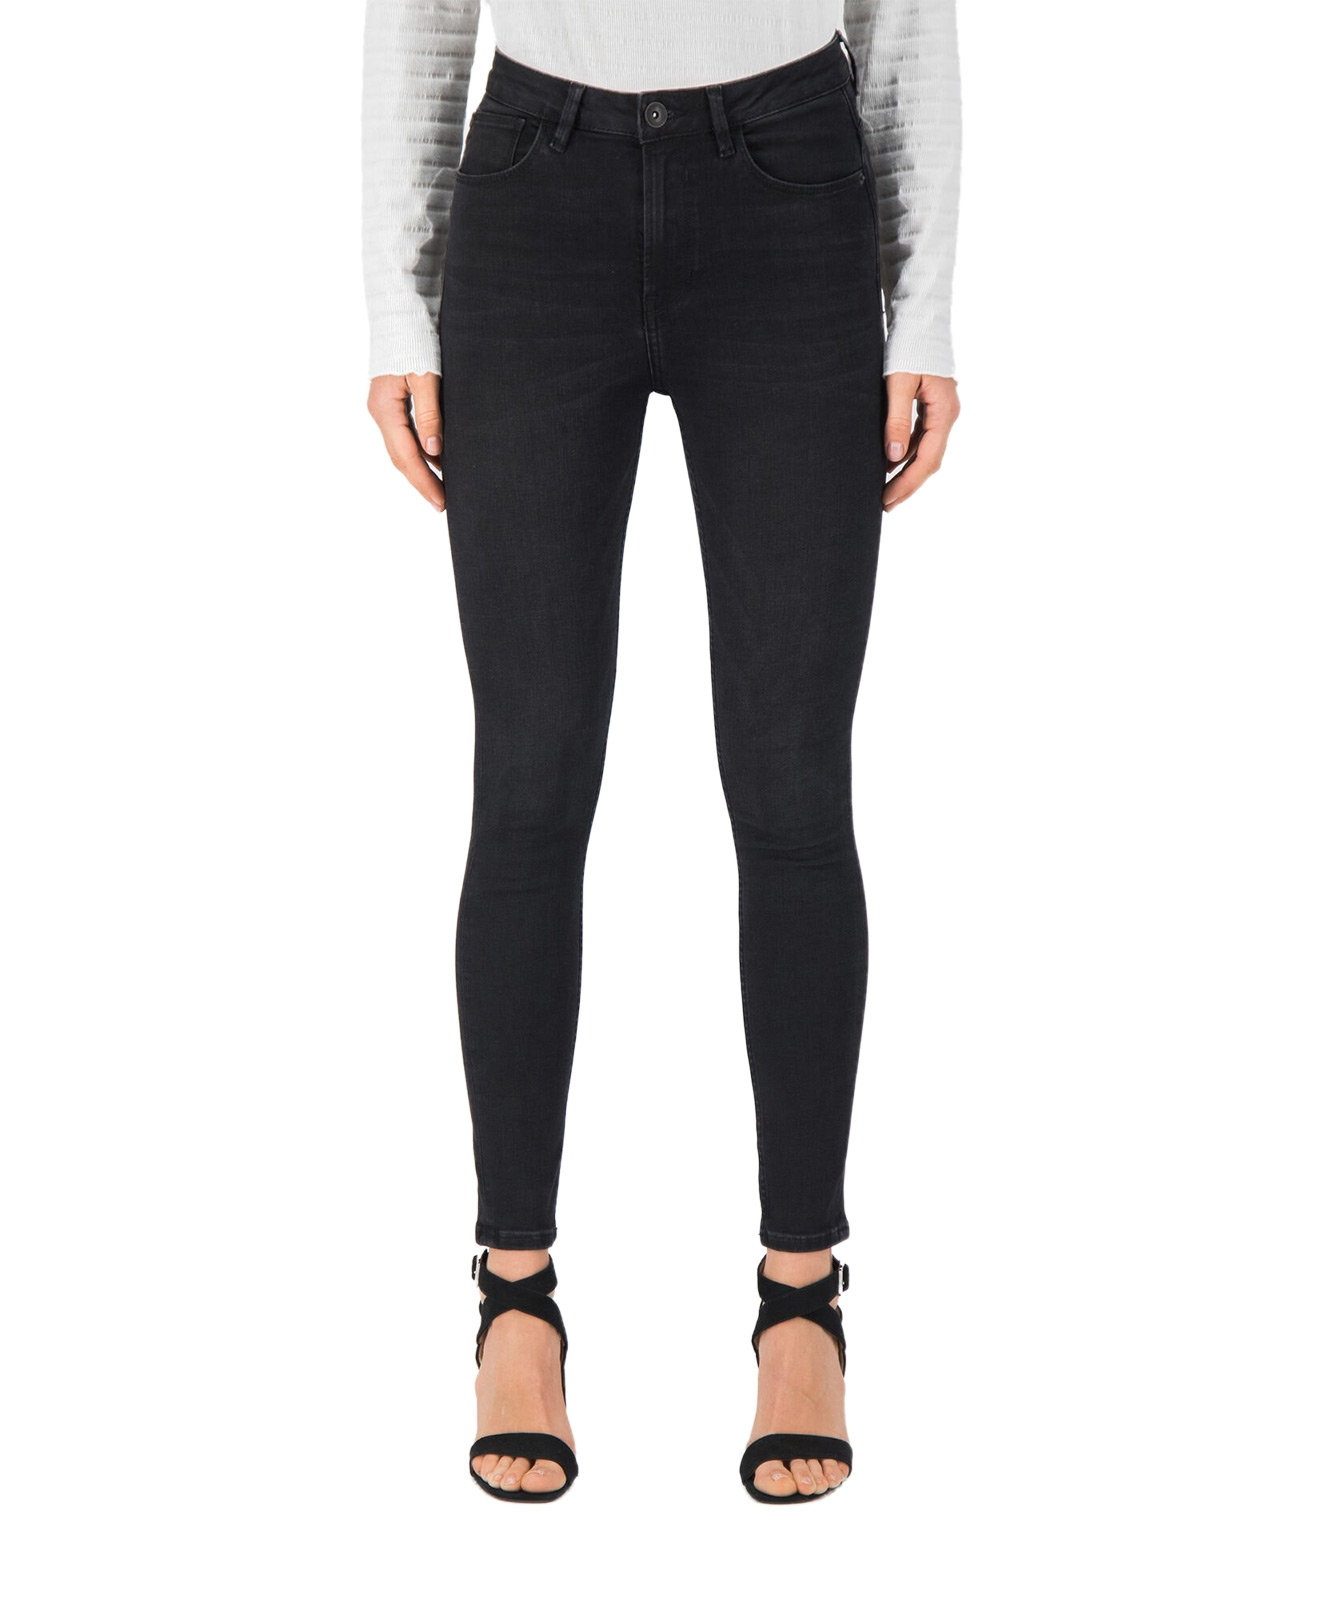 Hosen - Garcia Skinny Jeans Enrica Skinny in Dark Used Black  - Onlineshop Jeans Meile